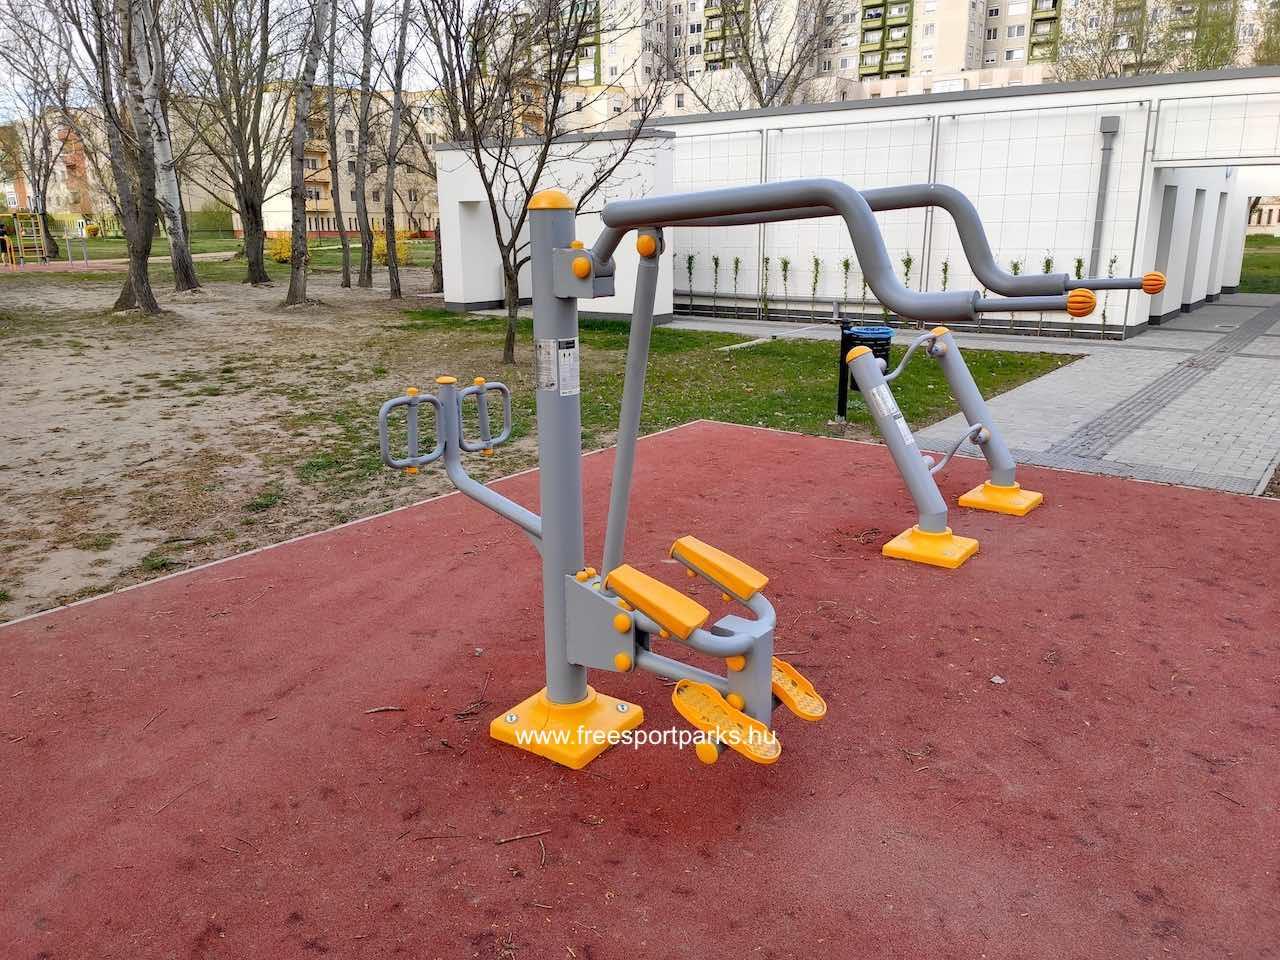 Testmozgató gép az integrált fitneszparkban